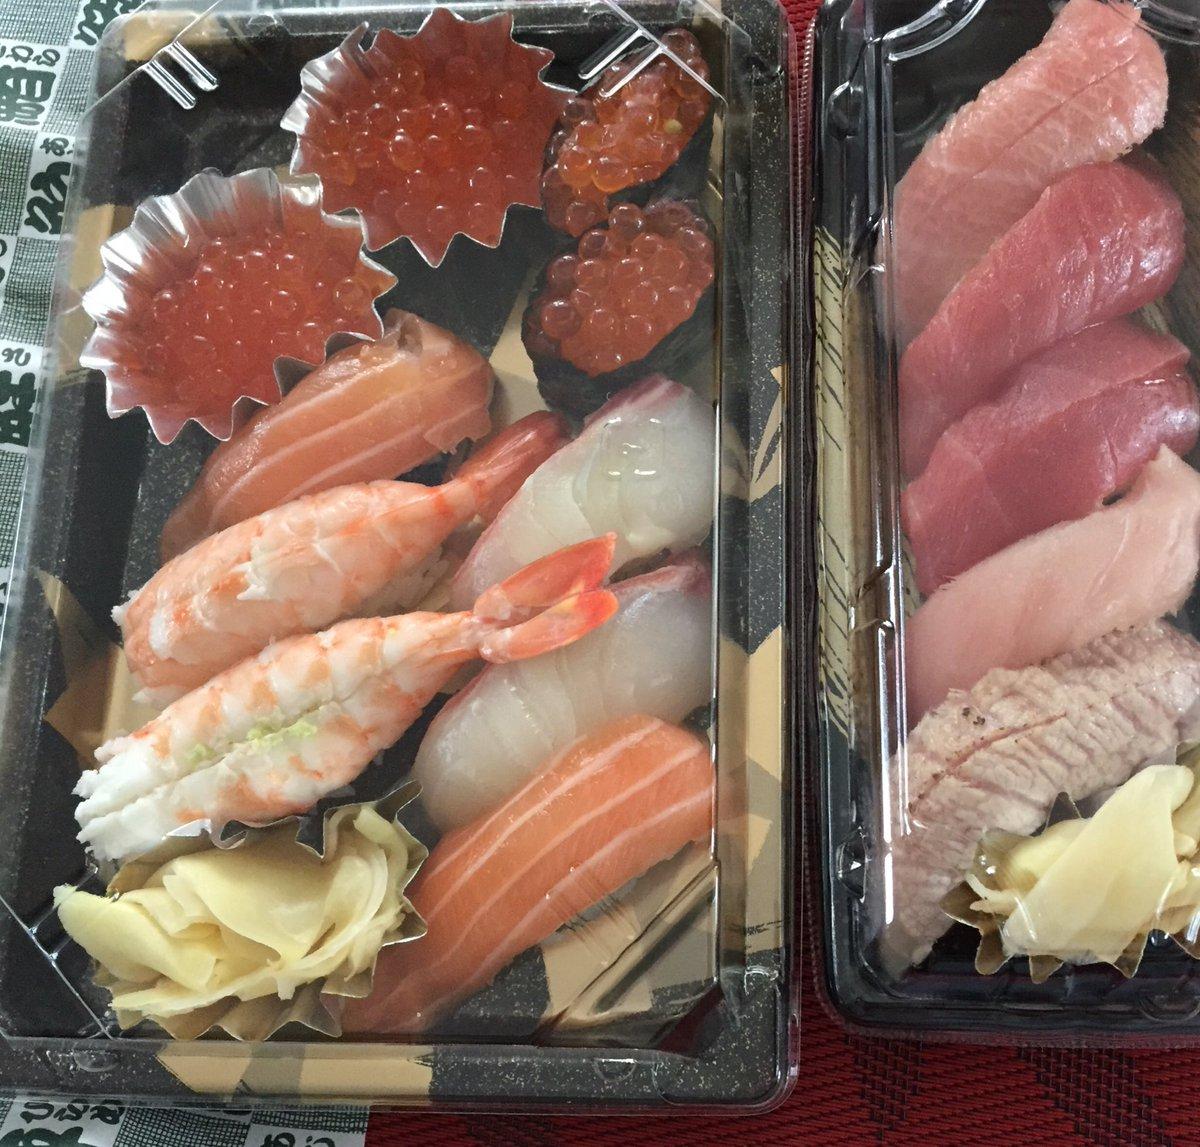 ずっと寿司食べたいと言ってたら、なんとお嬢様からのお土産! 日本人だよね。地震のあとまず食べたくなったのはオニギリ、あ、そのあとパンを食べたくなって次は寿司。 https://t.co/pcx8ub0dvz